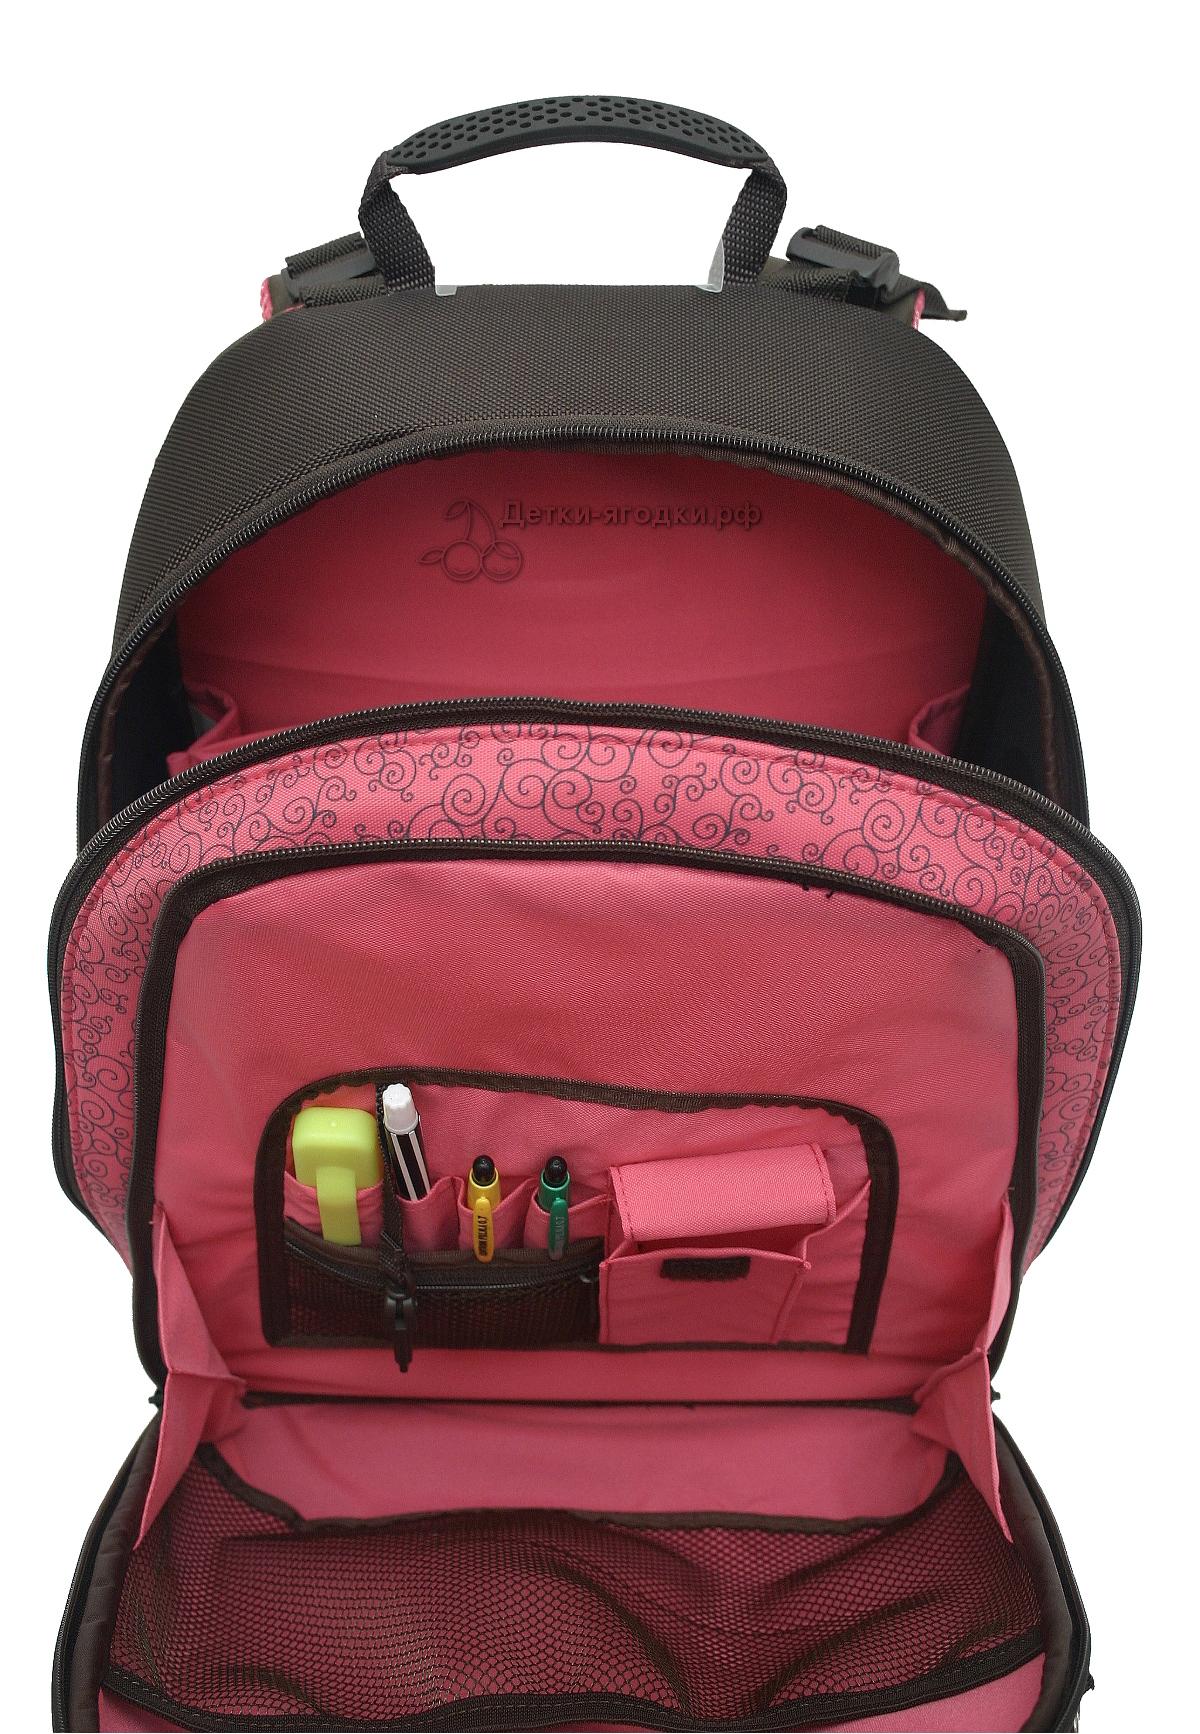 Школьный рюкзак Hummingbird T86 официальный, - фото 5